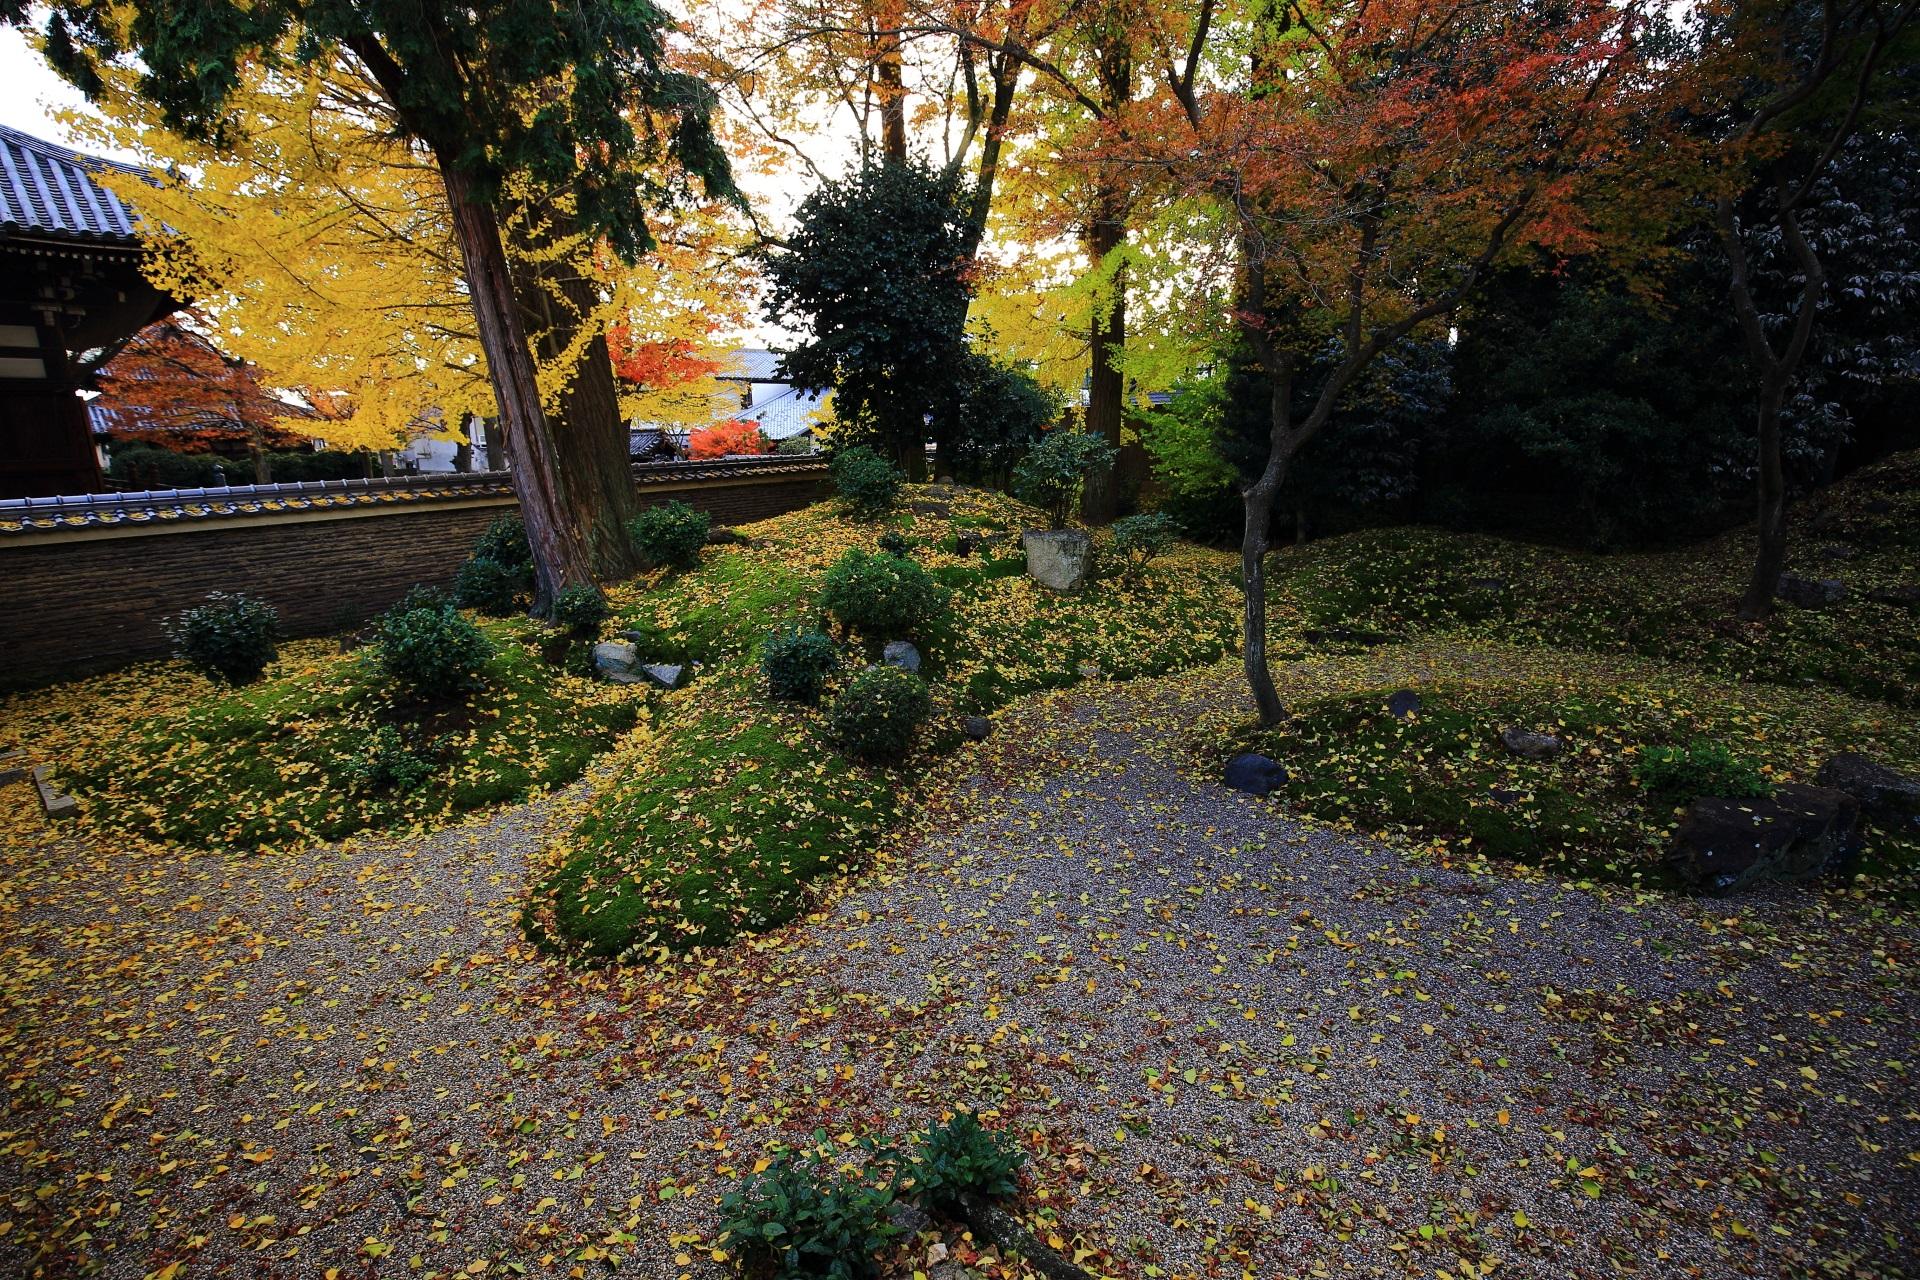 立本寺の緑の苔や白砂を彩る見事な黄色い散り銀杏